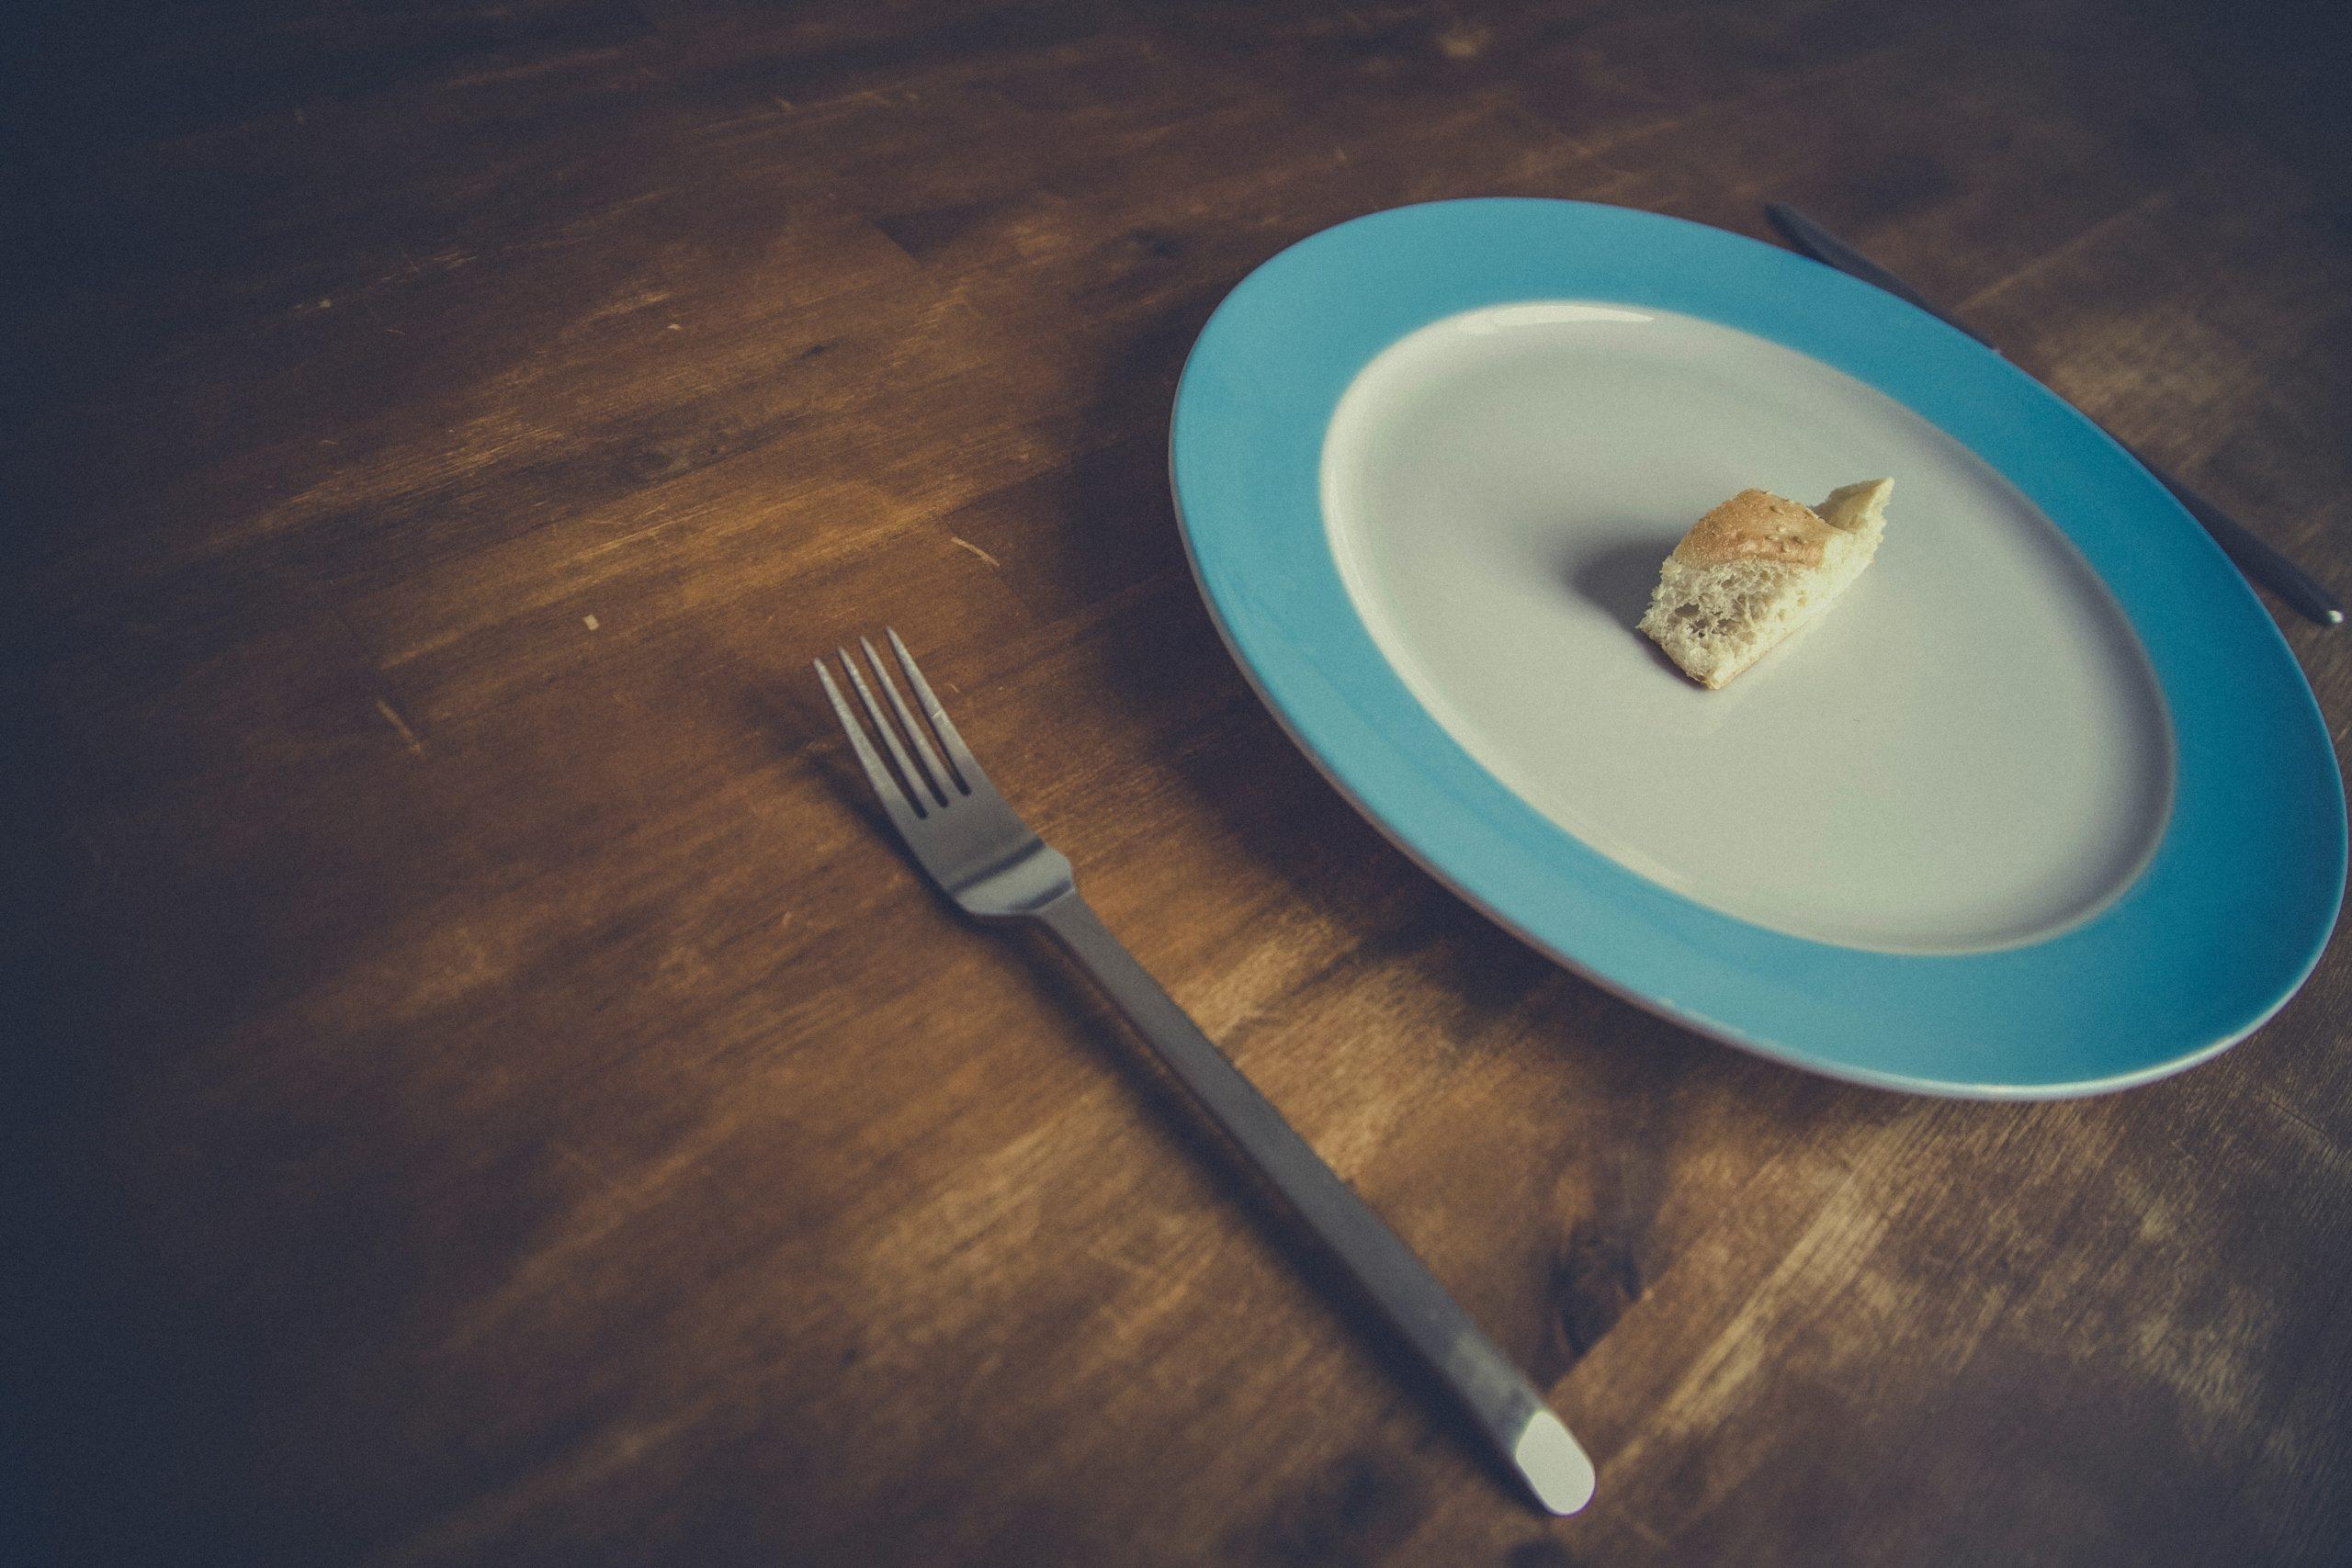 【残念ですが】ダイエットで食事制限が必要な理由とは!?【40代で痩せる】